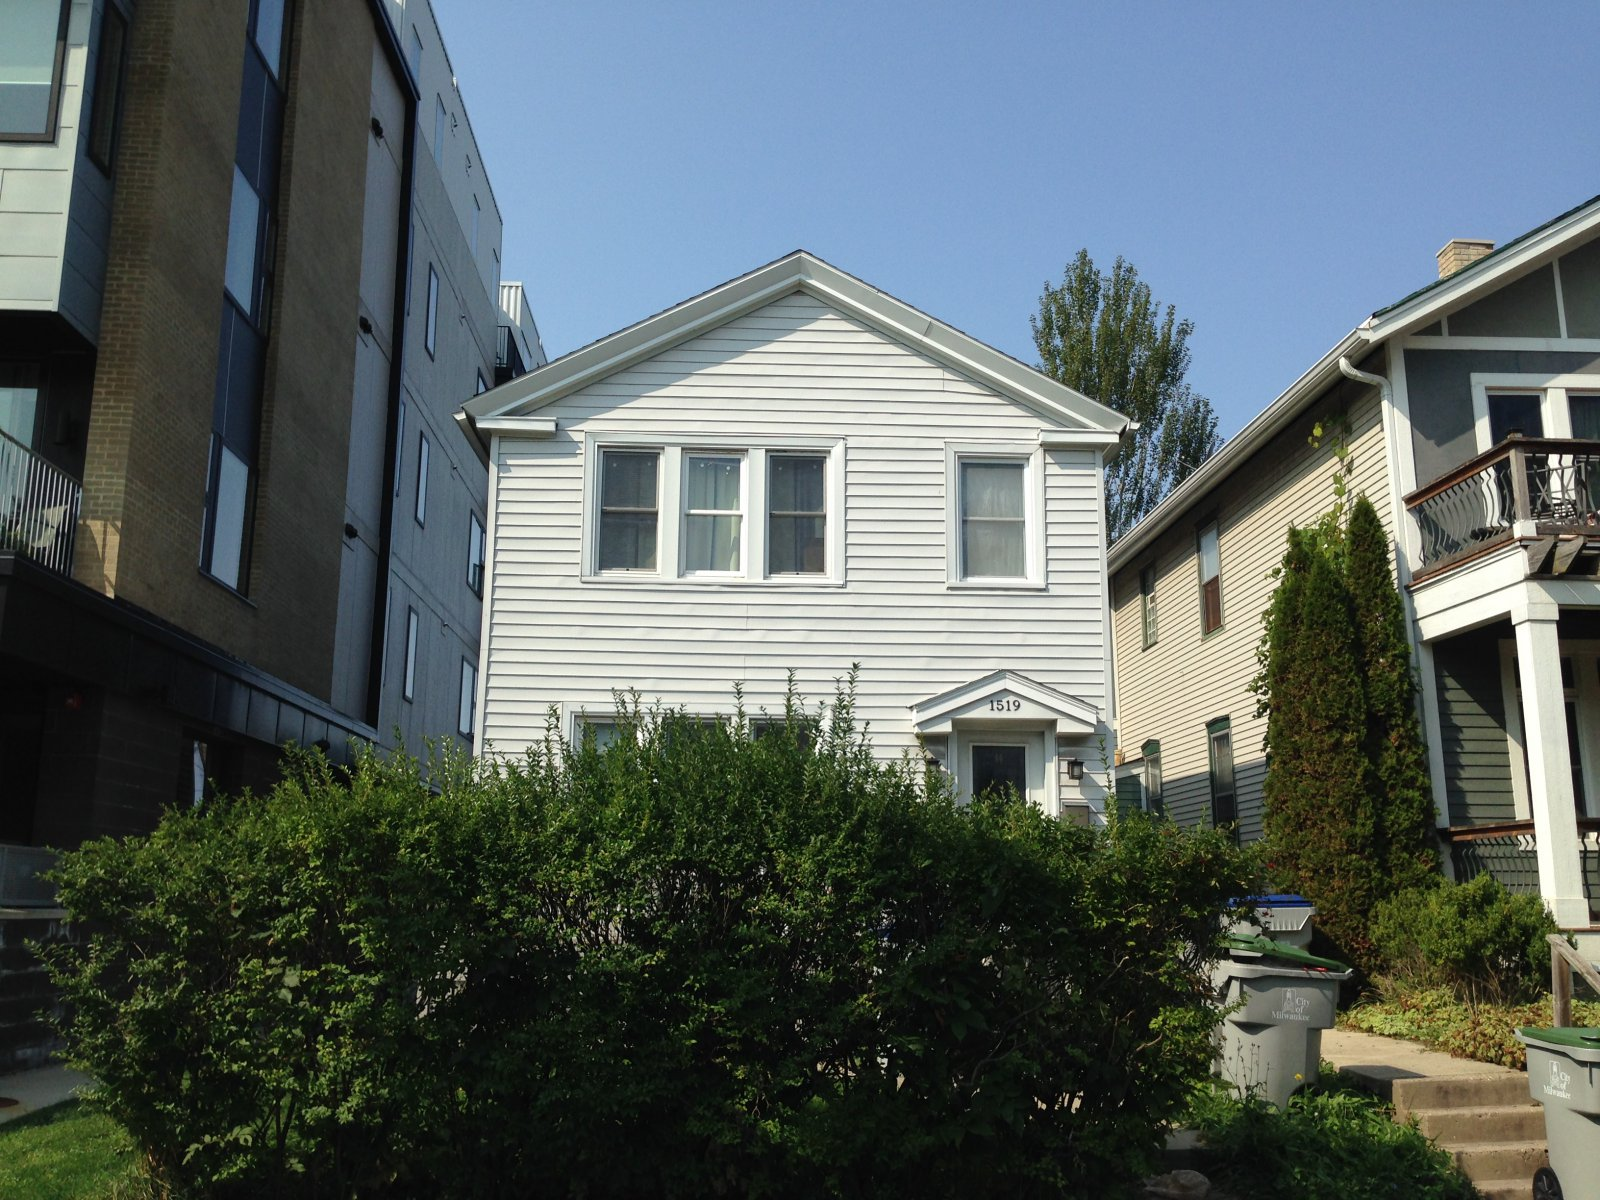 1519 N. Jackson St.